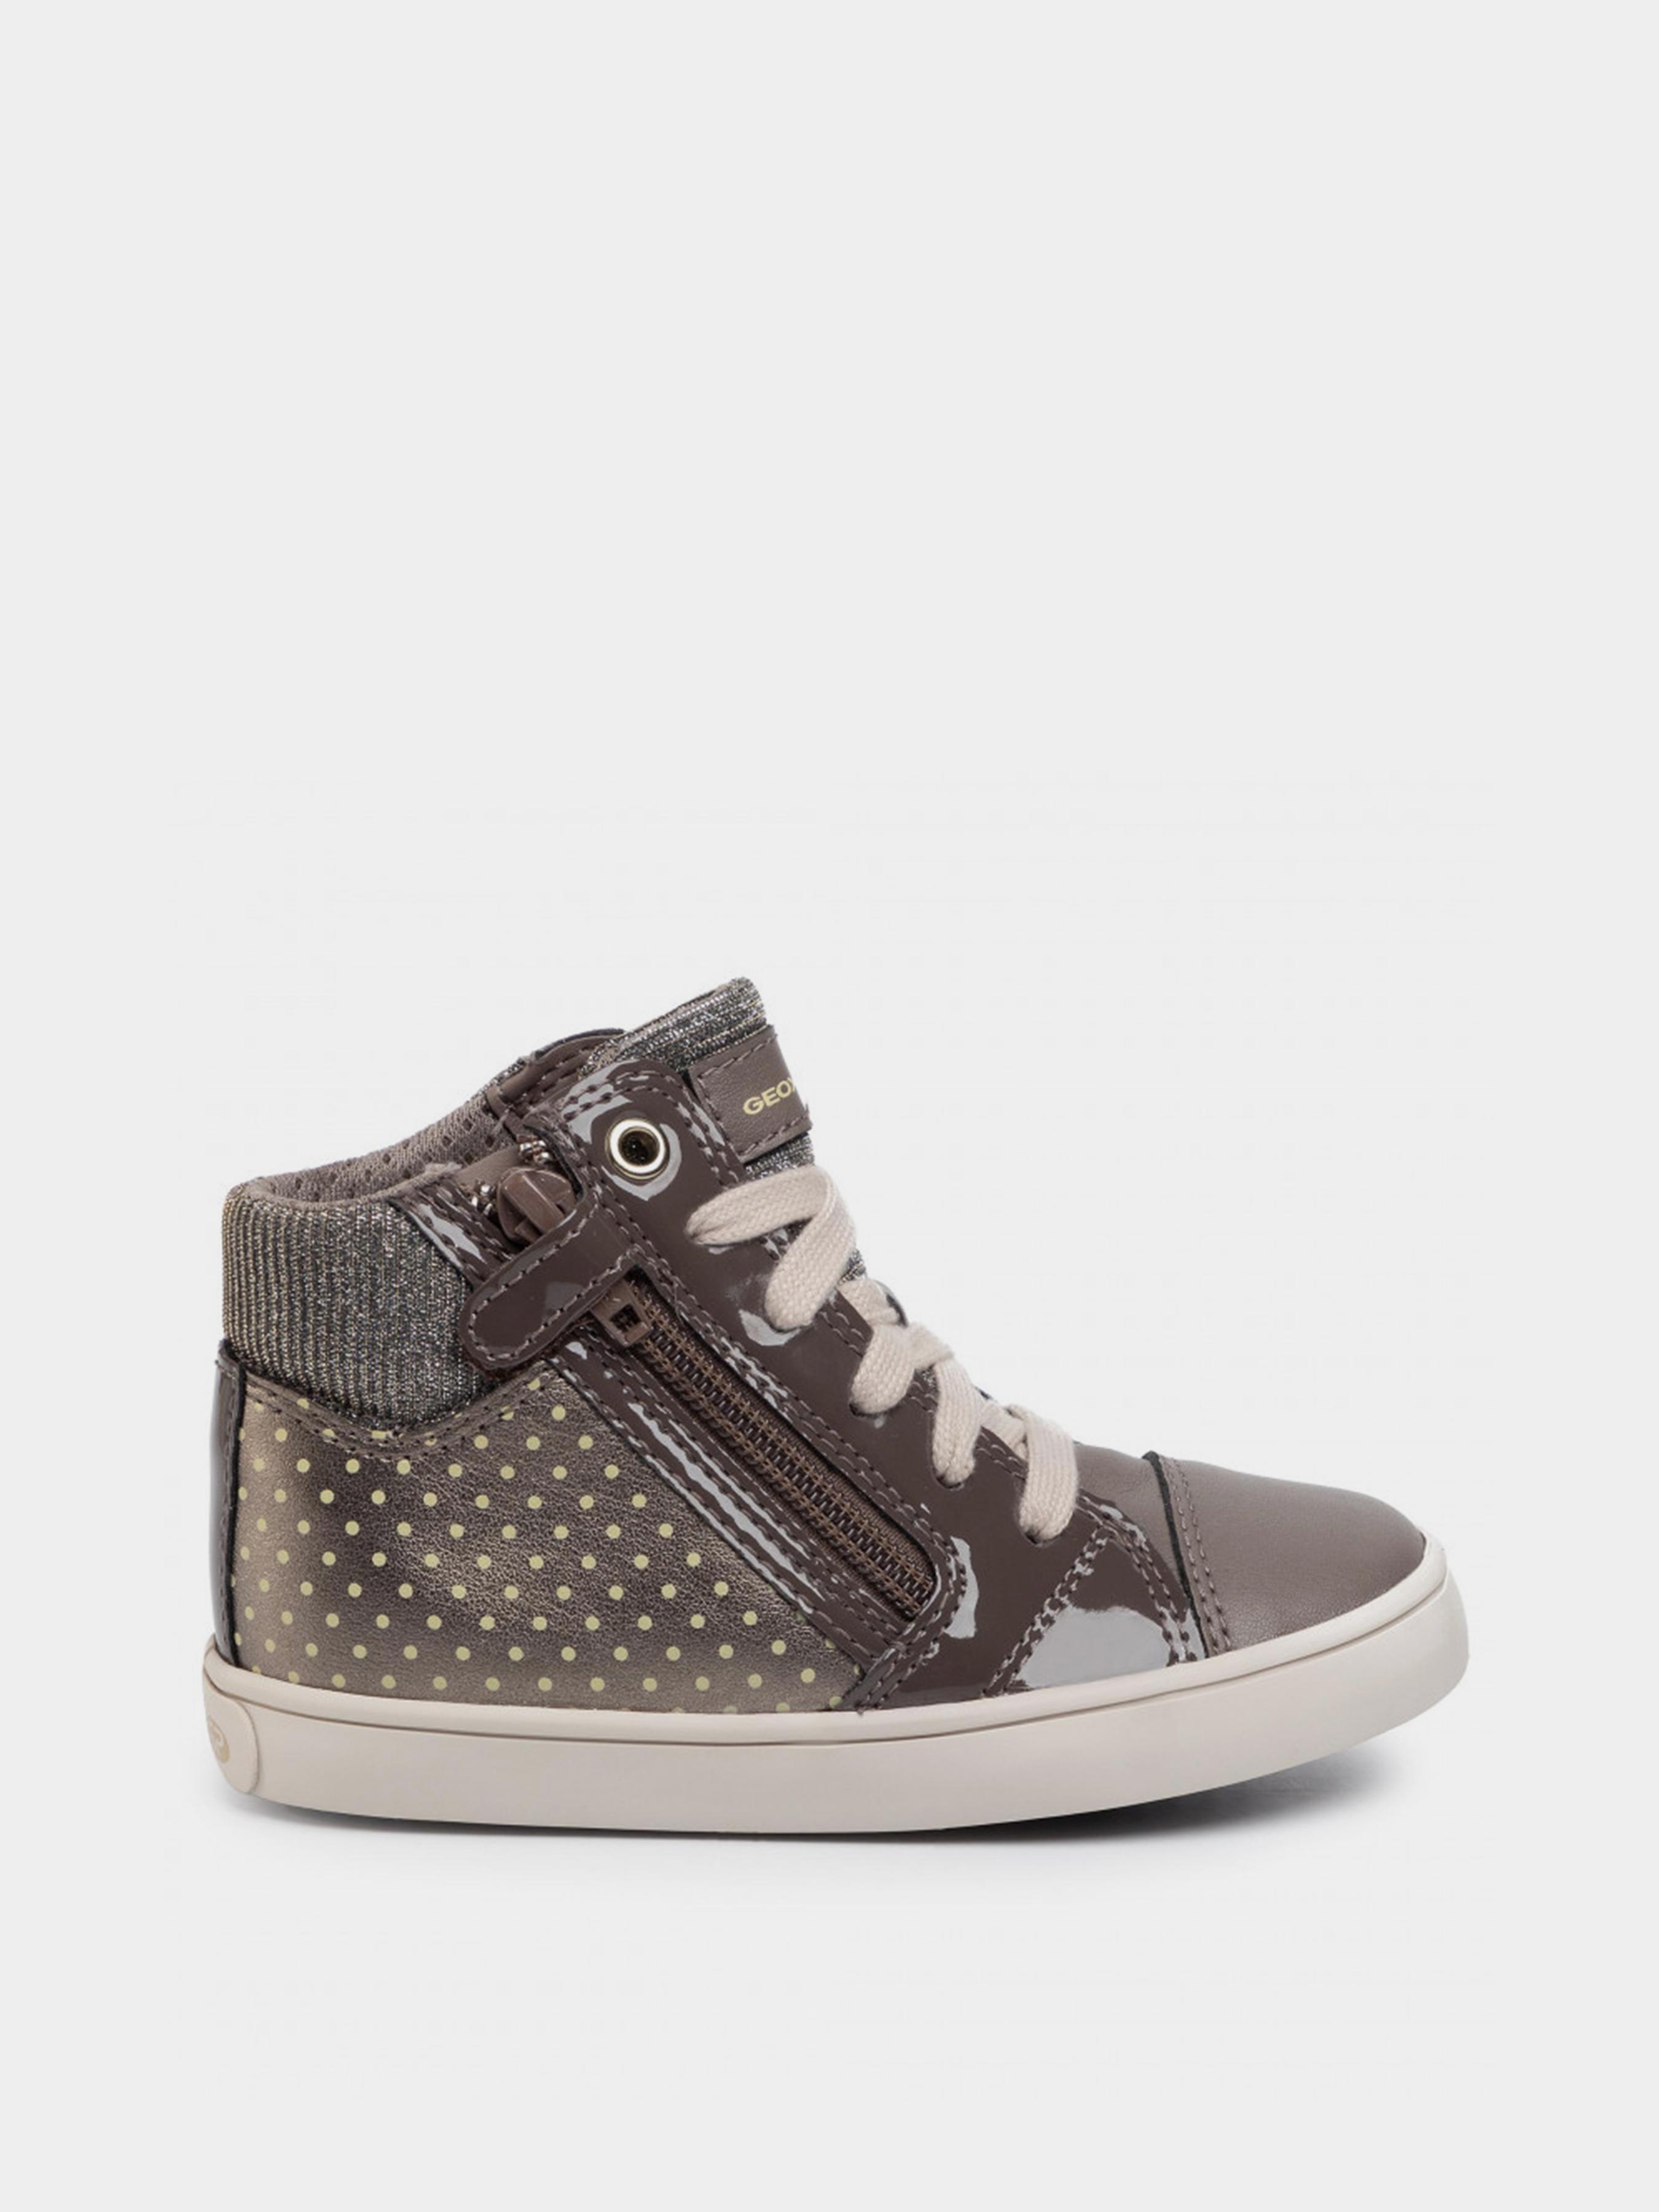 Ботинки детские Geox J GISLI GIRL XK6408 купить обувь, 2017